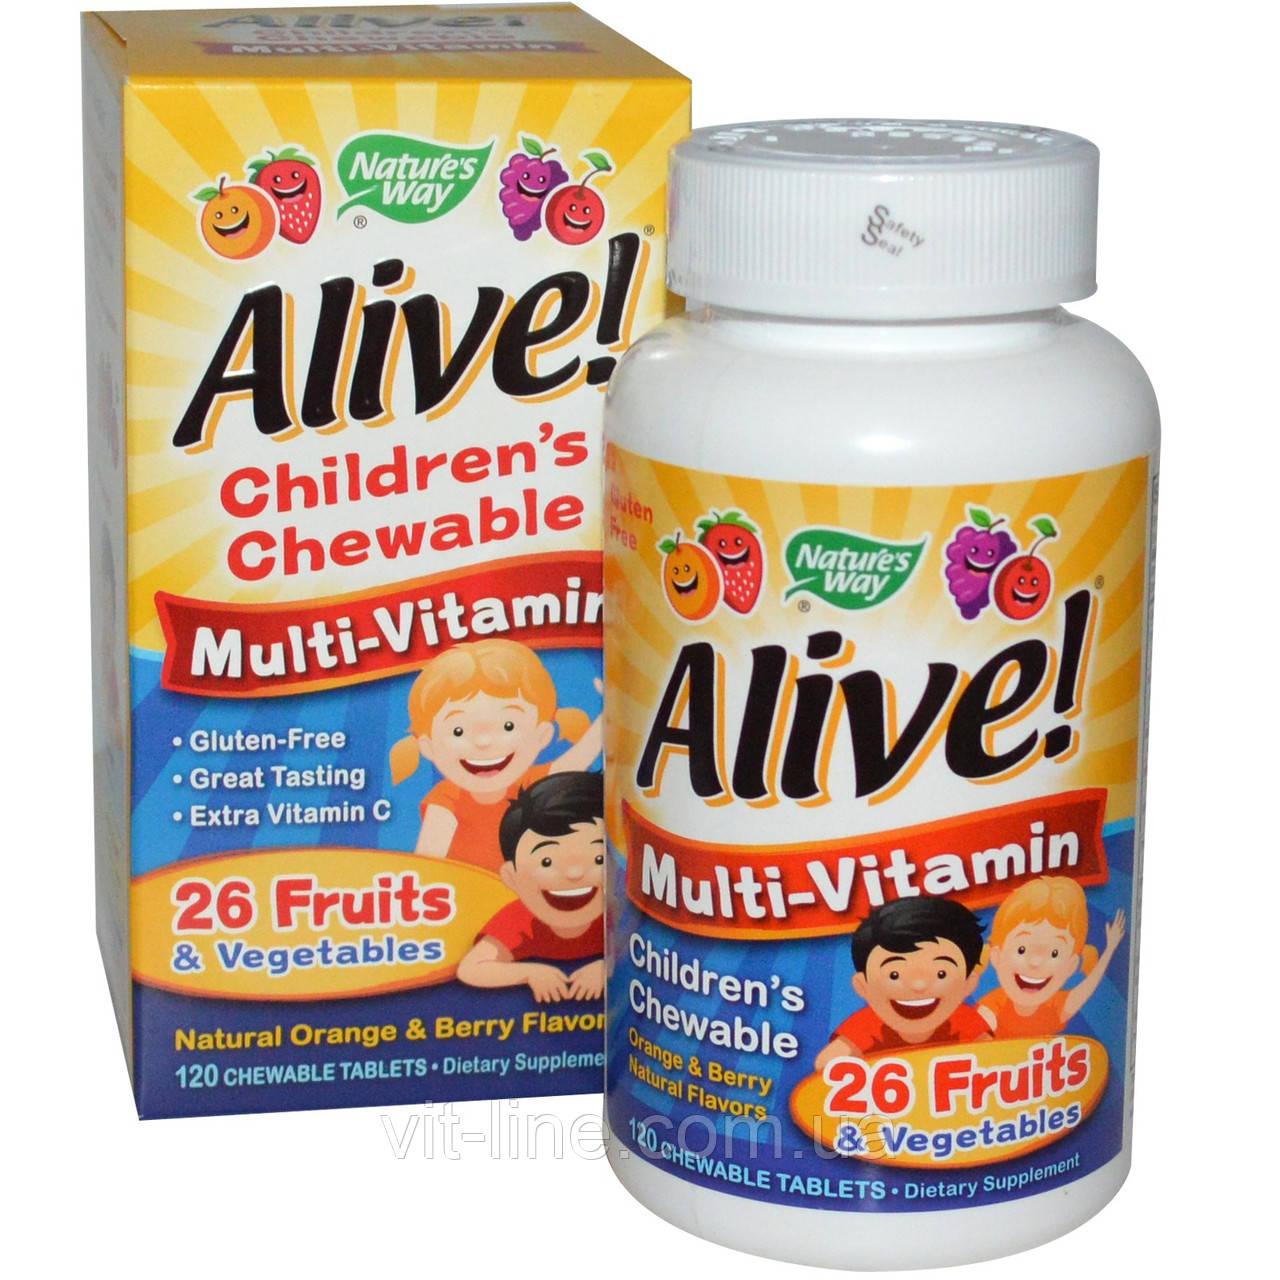 Nature's Way, Alive! Детские жевательные мультивитамины со вкусом апельсина и ягод, 120 жевательных